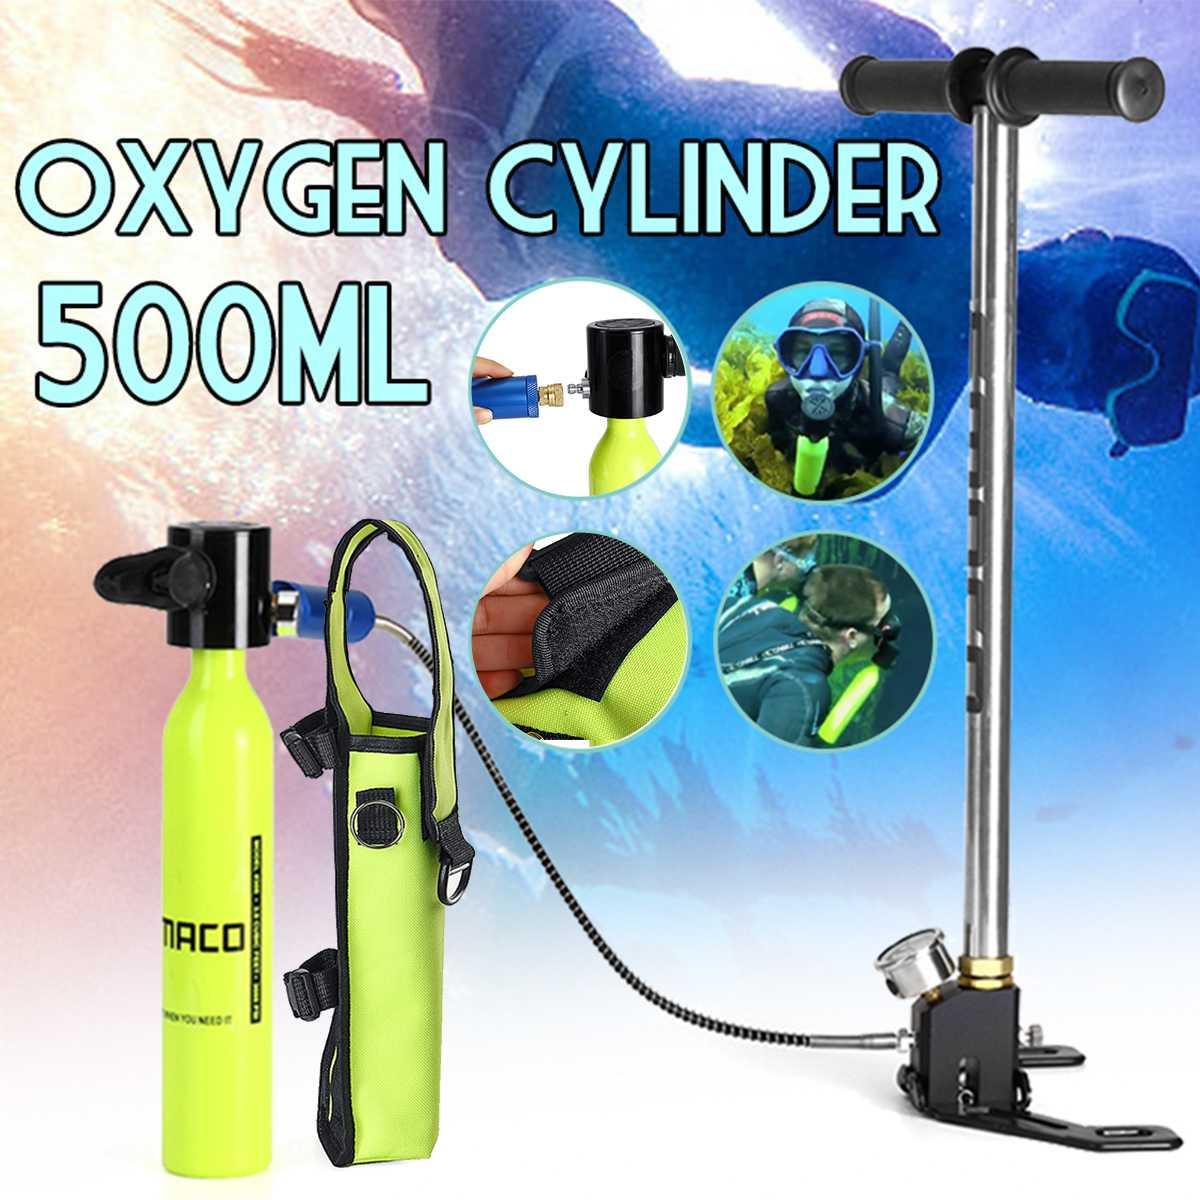 Mini pompe actionnée par cylindre d'oxygène de pompe à main de réservoir d'air de réserve de plongée portative de SMACO 0.5L avec la pompe et le sac de respirateur